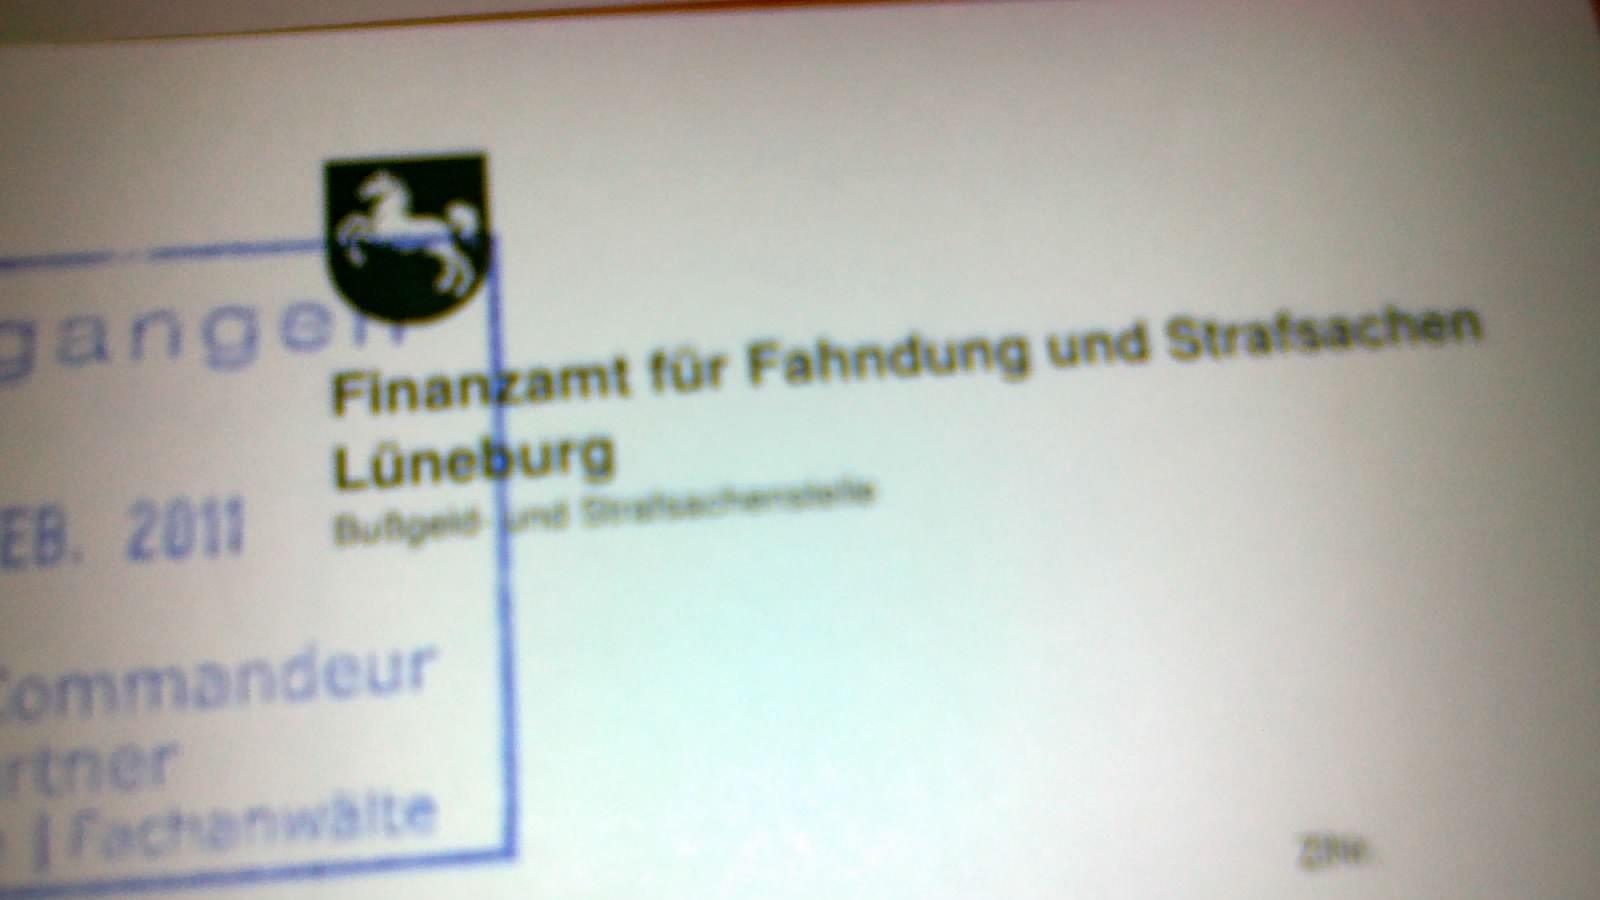 Briefkopf eines Schreibens der Steuerfahndung Lüneburg - Finanzamt für Fahndung und Strafsachen